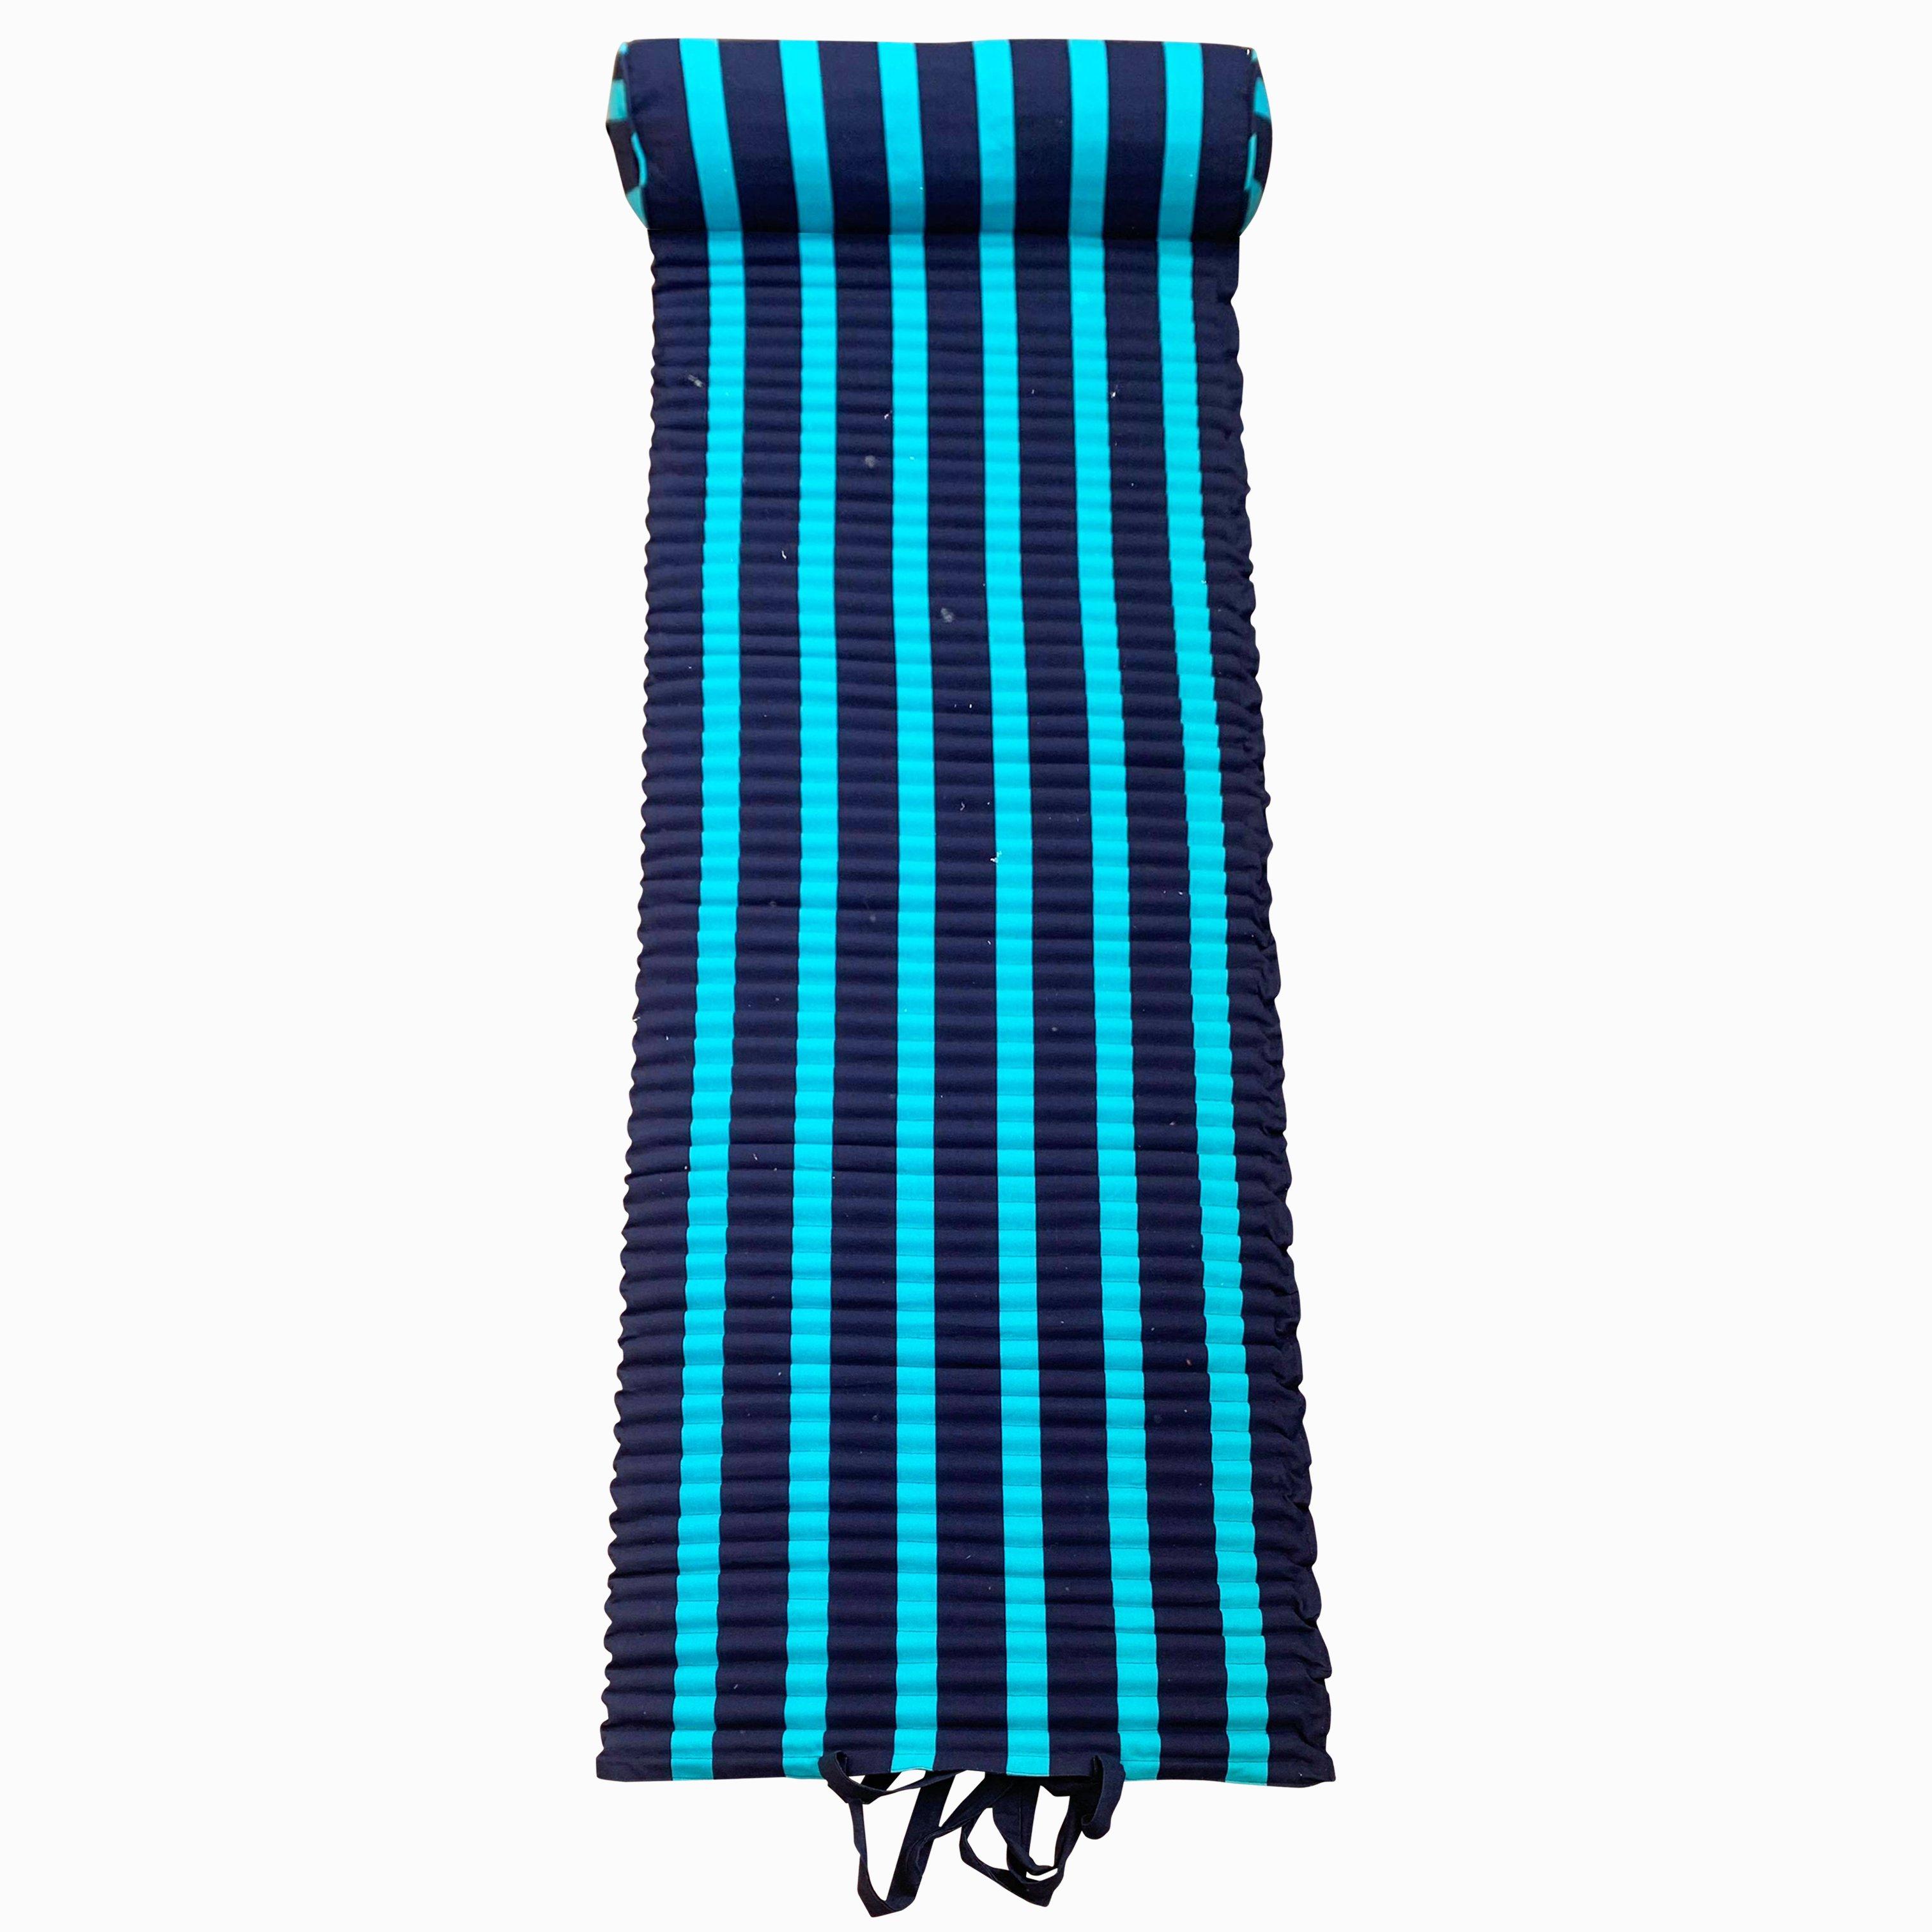 Matelas de plage pour bain de soleil bleu turquoise bahia 60 x 180